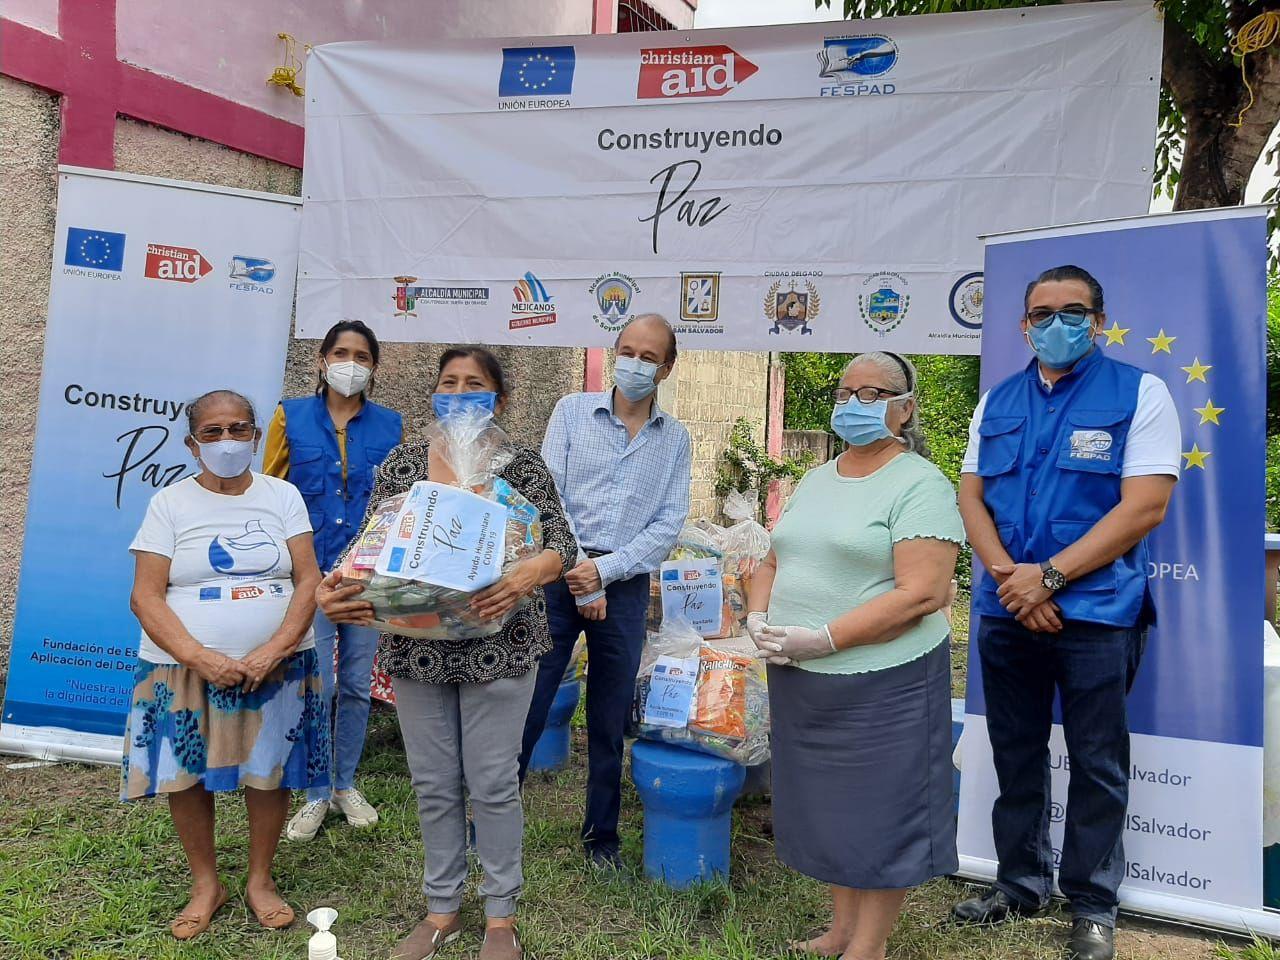 «Construyendo paz» entrega ayuda solidaria en el marco de la emergencia por COVID-19